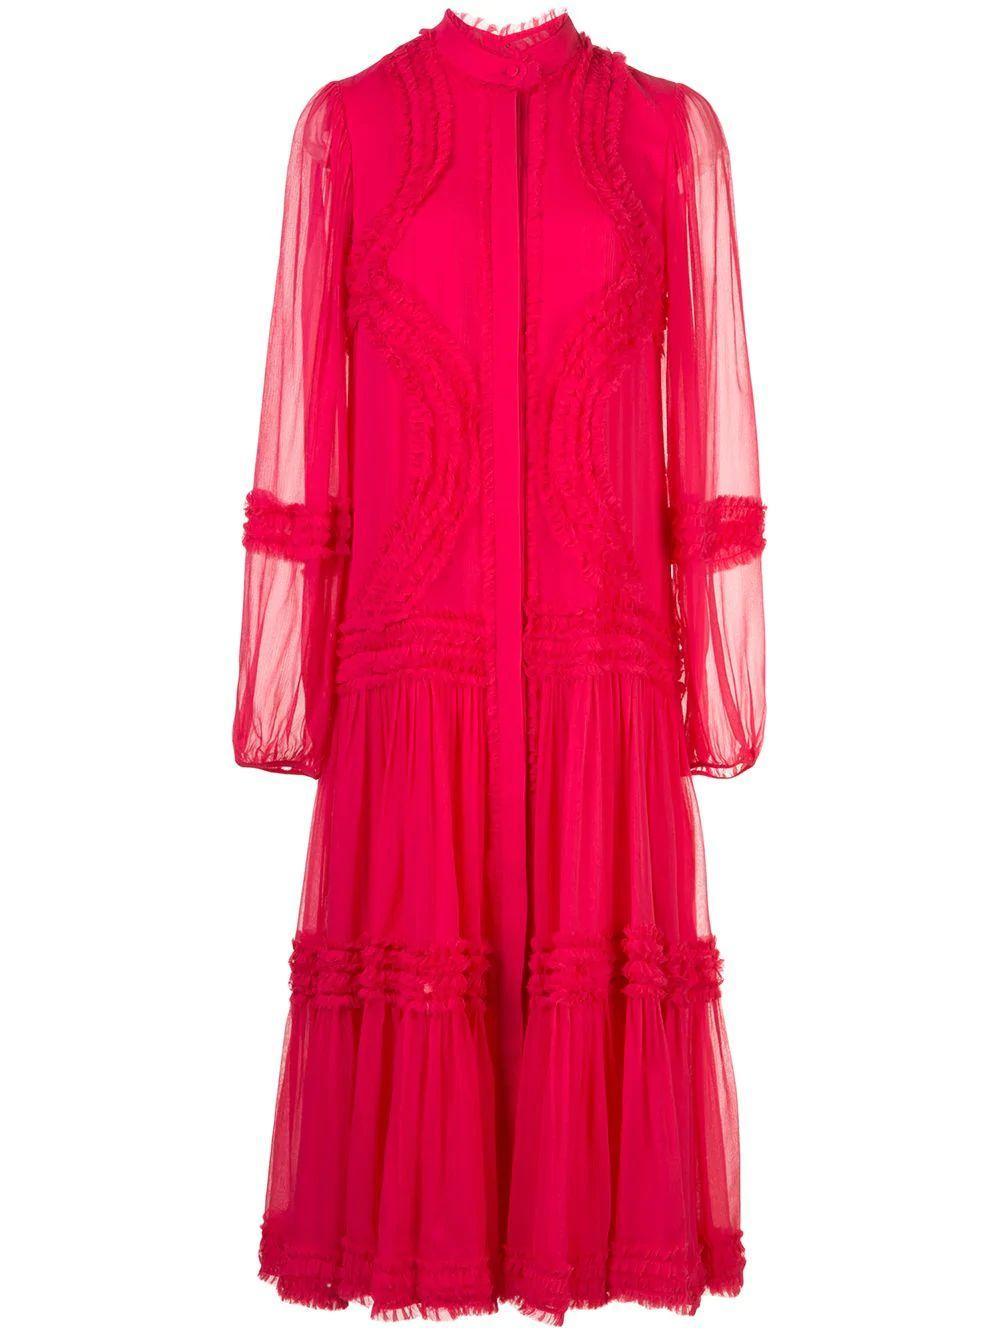 Patrizia Long Sleeve Ruffle Midi Dress Item # A4190427-5815